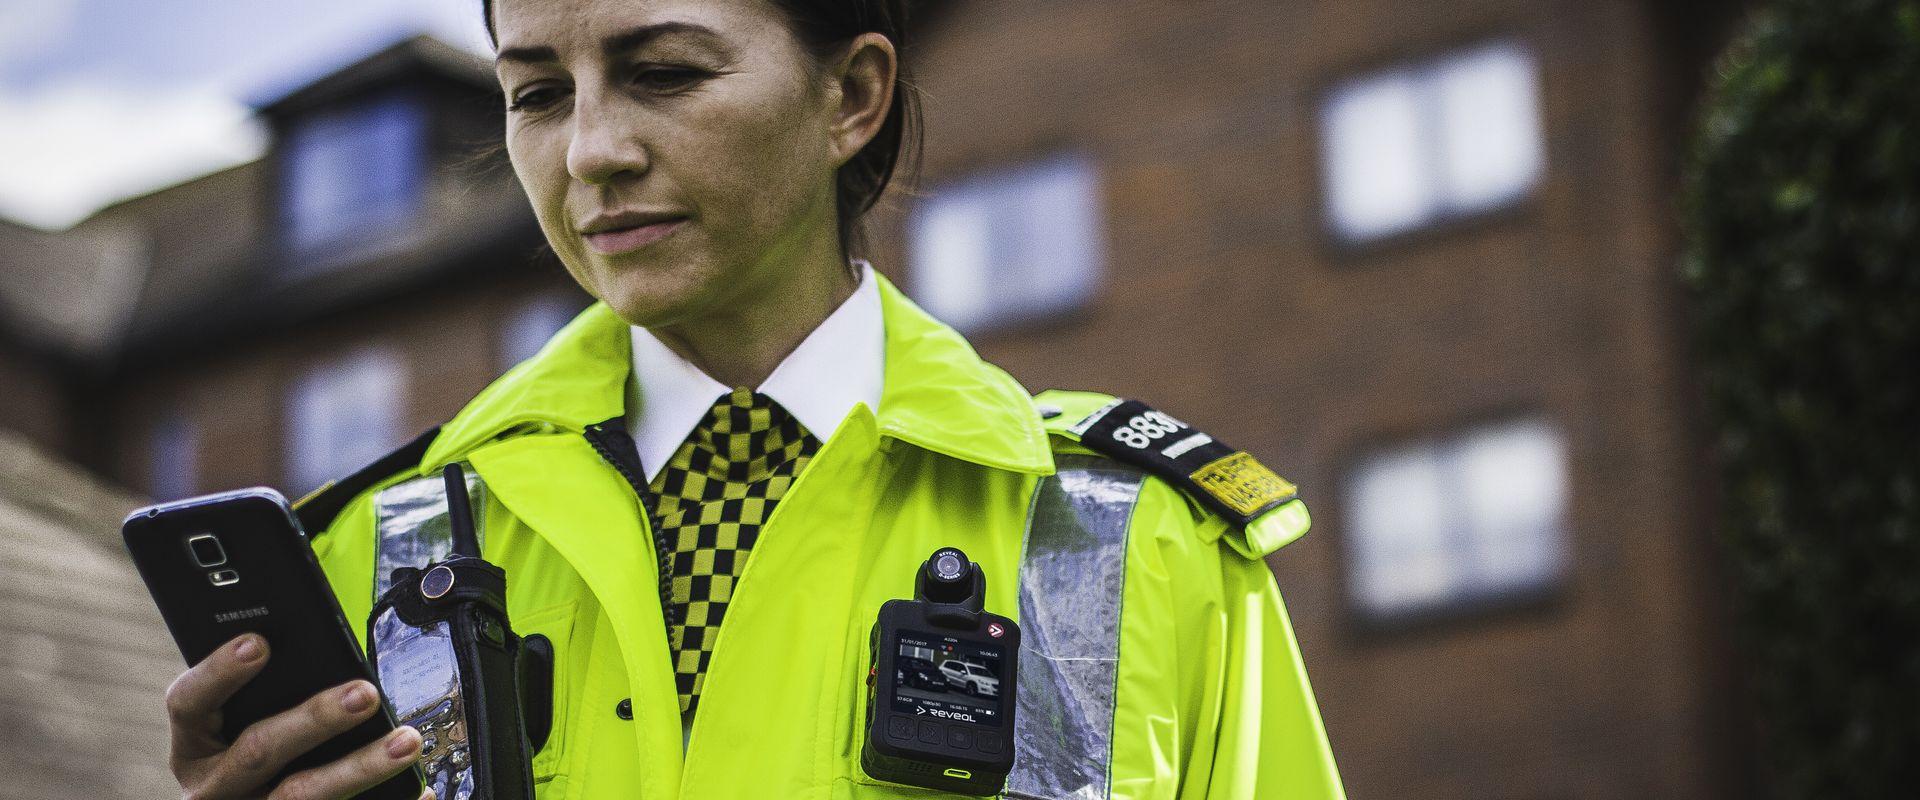 201707 UKNP Traffic Warden IMG 0192